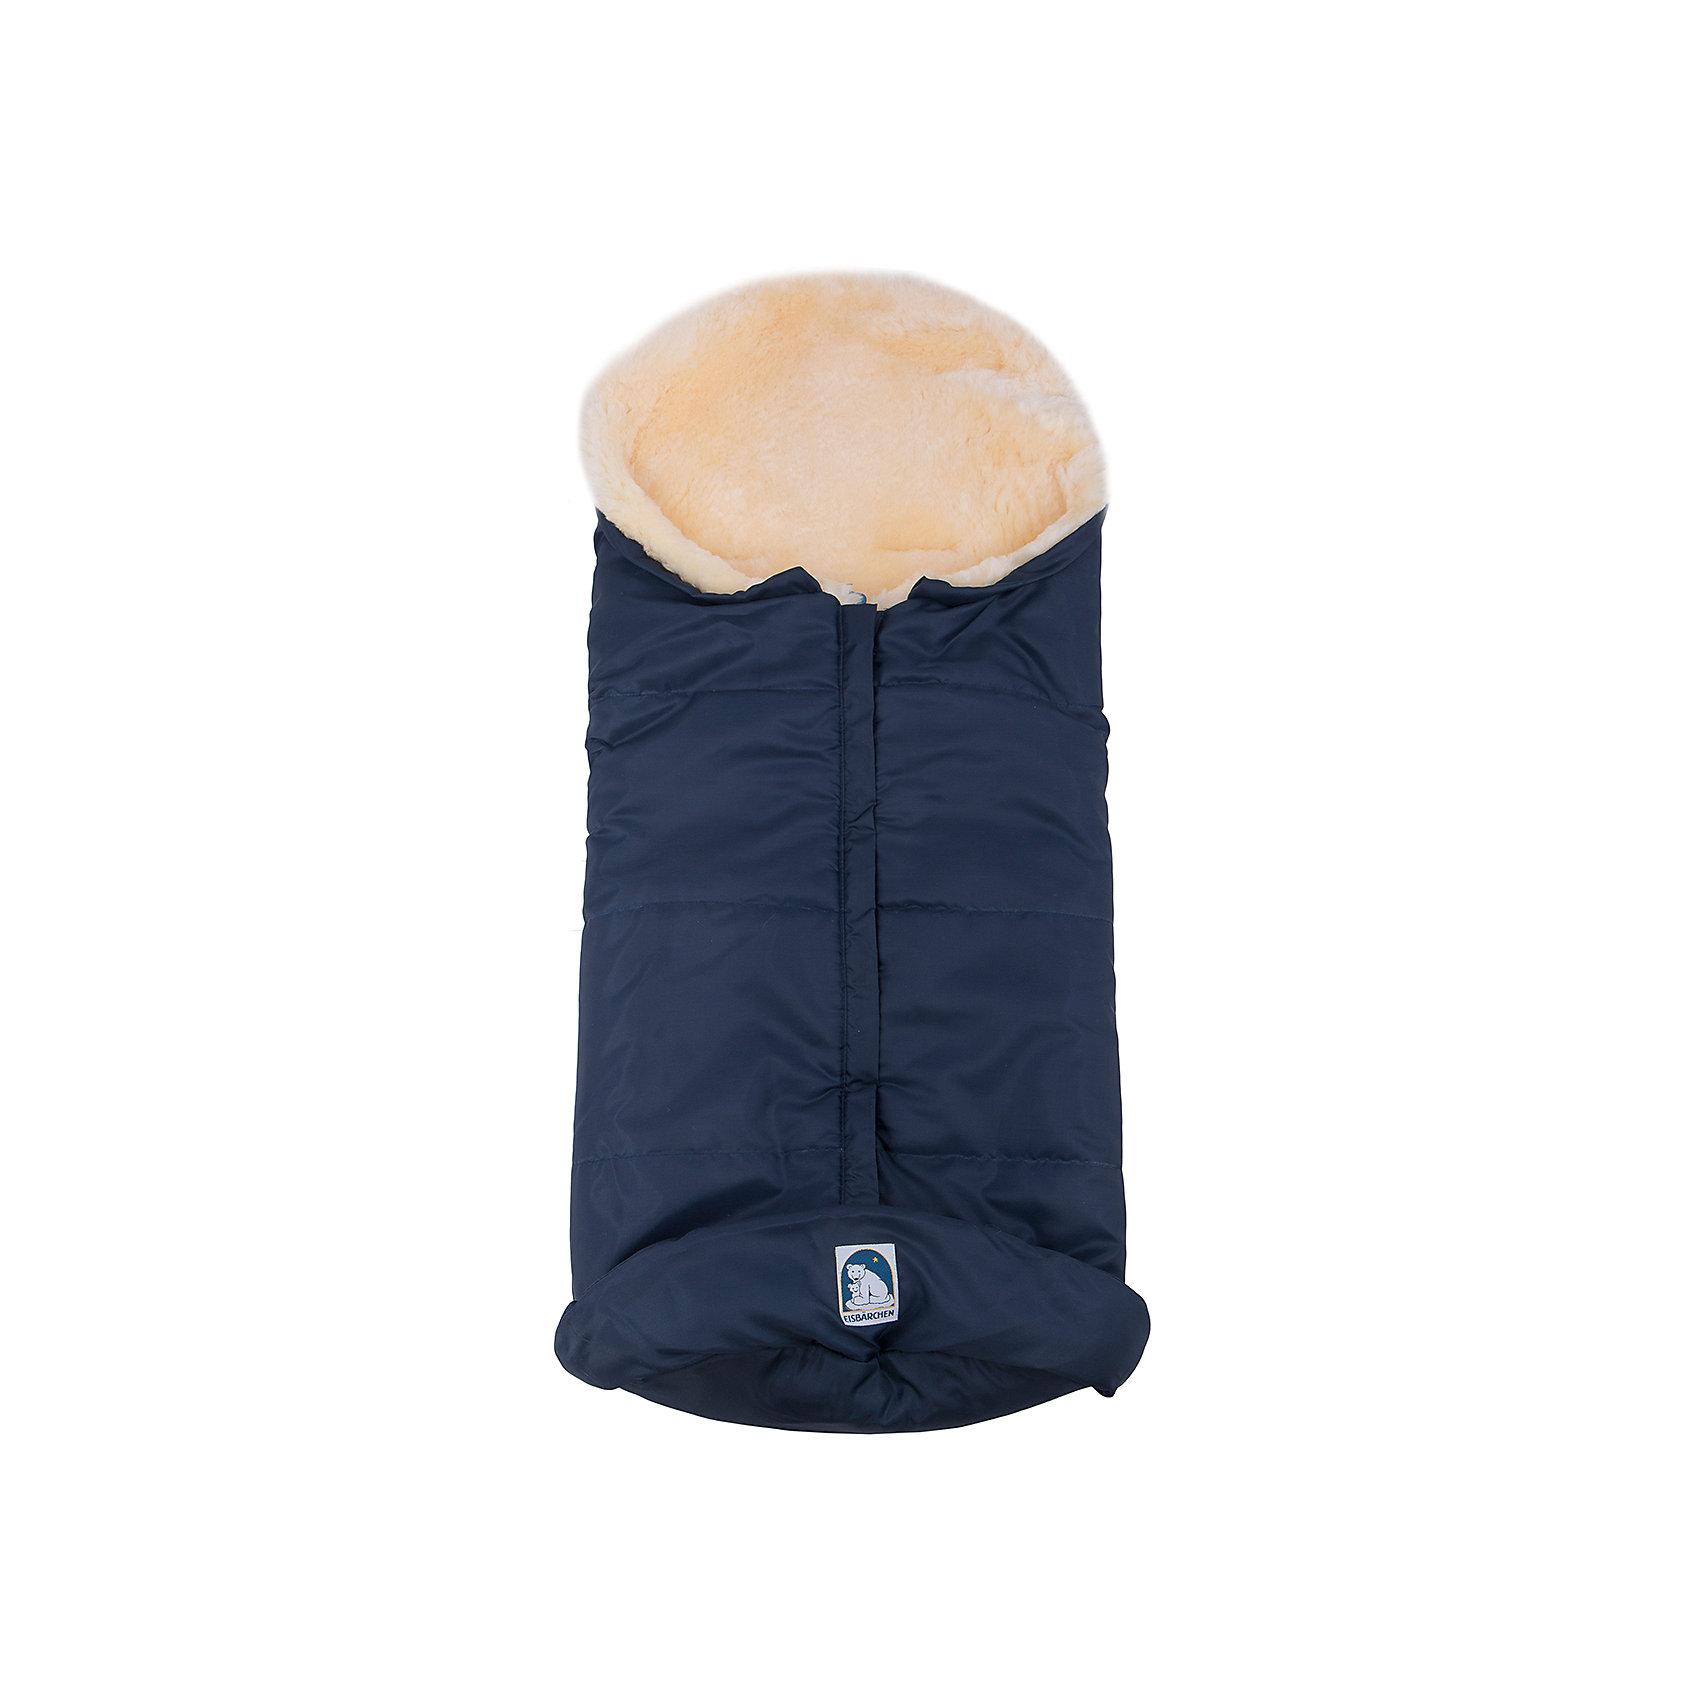 Конверт 975 МА, Heitmann Felle, синийЗимние конверты<br>Меховой конверт Heitmann Felle предназначен для прогулок с малышом, в том числе, в коляске и автокресле. Овчина внутри конверта имеет высоту в 30 мм и прекрасно сохранит тепло и уют для крохи. Материалы, из которых изготовлен конверт, гипоаллергенны и водонепроницаемы. Удобно застегивается с помощью двухсторонней молнии.  Для безопасных прогулок в коляске предусмотрены прорези для пятиточечных ремней безопасности. Конверт можно стирать при температуре 30°. Подарите крохе тепло и комфорт с конвертом Heitmann Felle!<br><br>Дополнительная информация:<br>-антиаллергенный материал<br>-верх отстегивается<br>-двухсторонняя молния<br><br>Материал: овчина, ткань<br>Размер: 90х45 см<br>Вес: 3 кг<br>Цвет: синий<br>Вы можете приобрести конверт Heitmann Felle в нашем интернет-магазине.<br><br>Ширина мм: 860<br>Глубина мм: 490<br>Высота мм: 100<br>Вес г: 2000<br>Возраст от месяцев: 0<br>Возраст до месяцев: 12<br>Пол: Унисекс<br>Возраст: Детский<br>SKU: 4977809